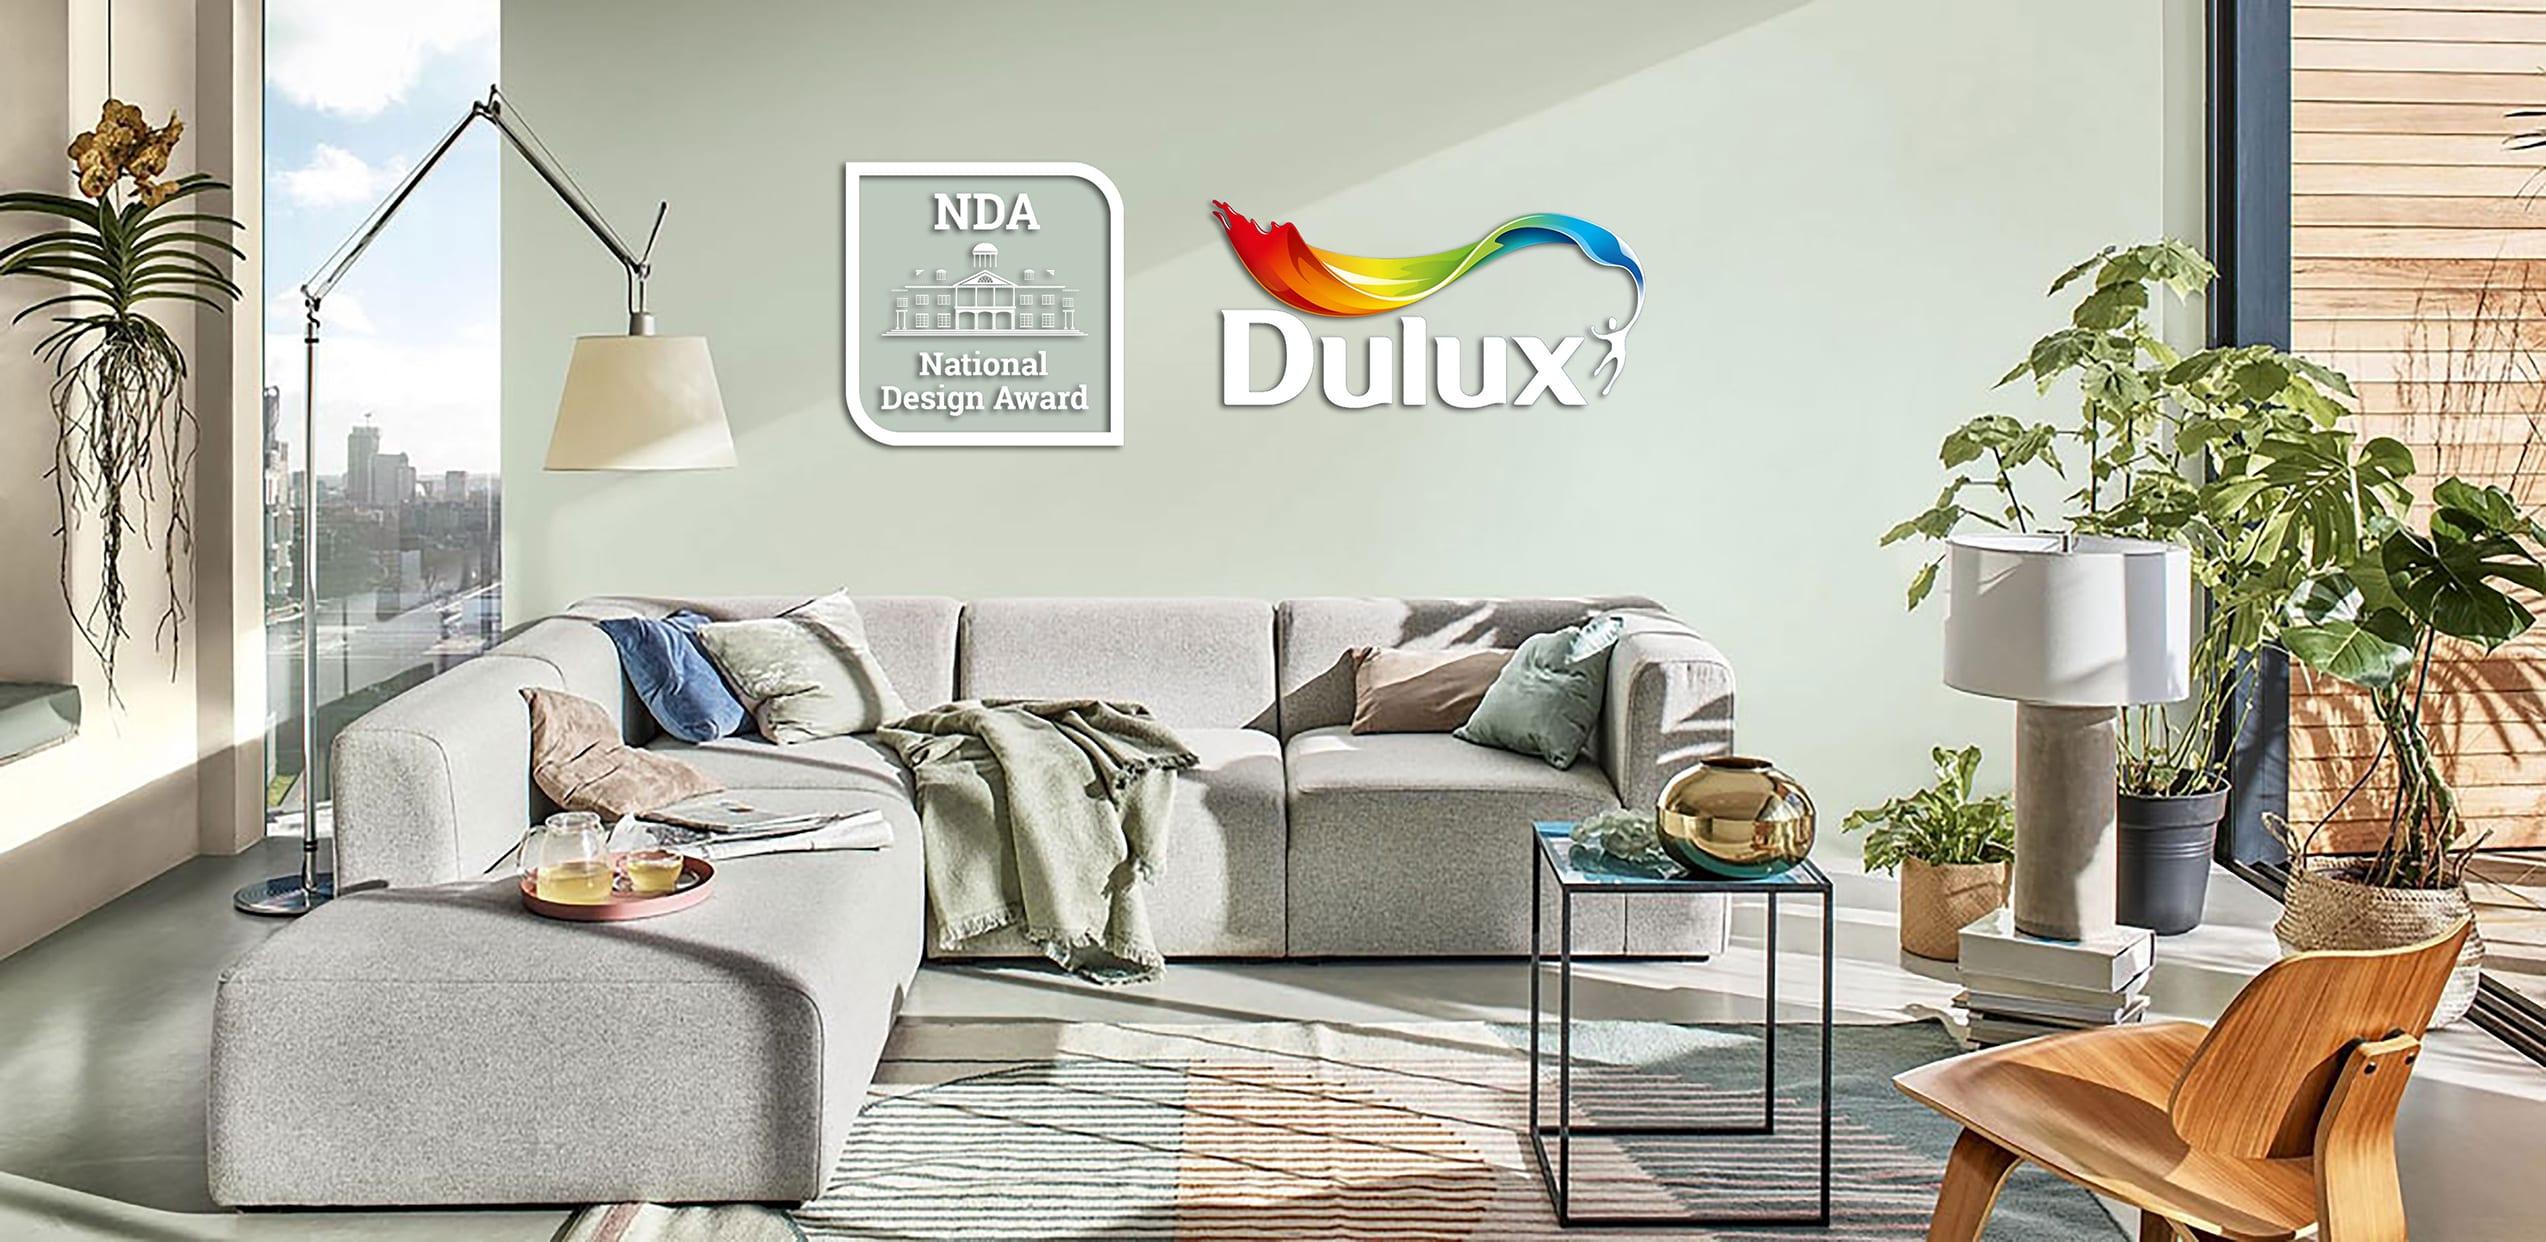 NDA National Design Award